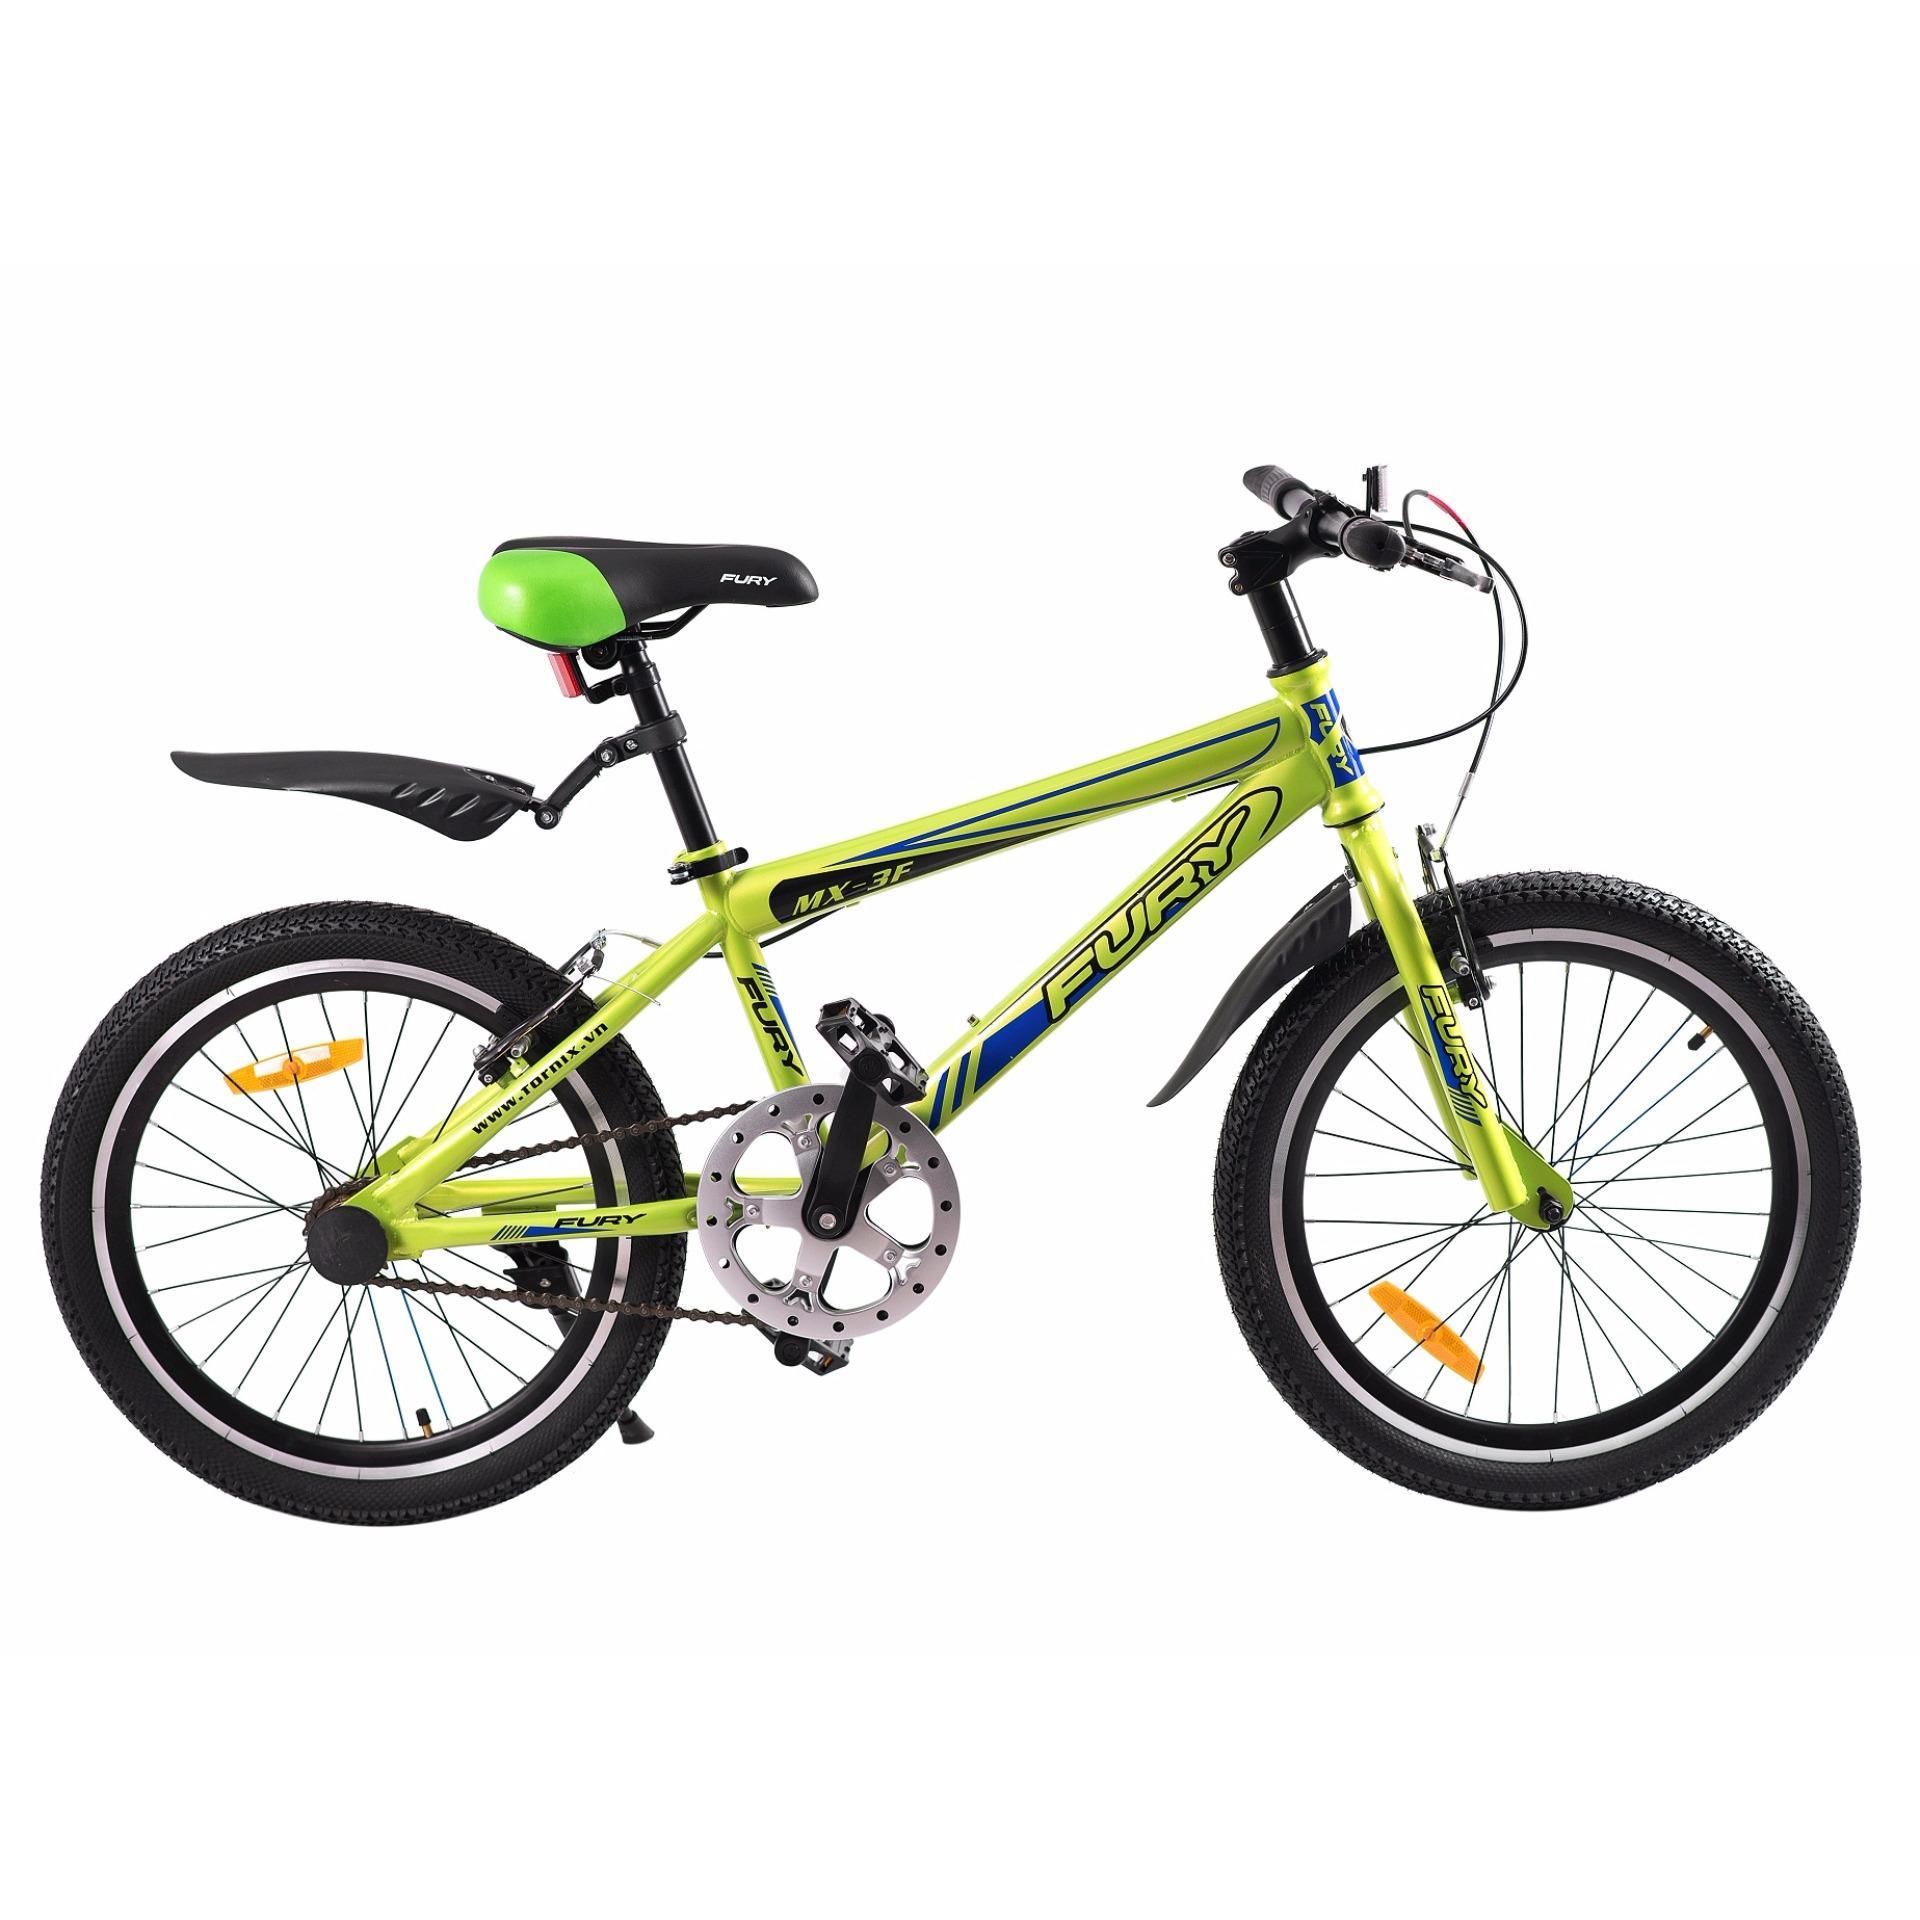 Xe đạp BMX, hiệu FURY, mã MX-3F ( xanh lá xanh )